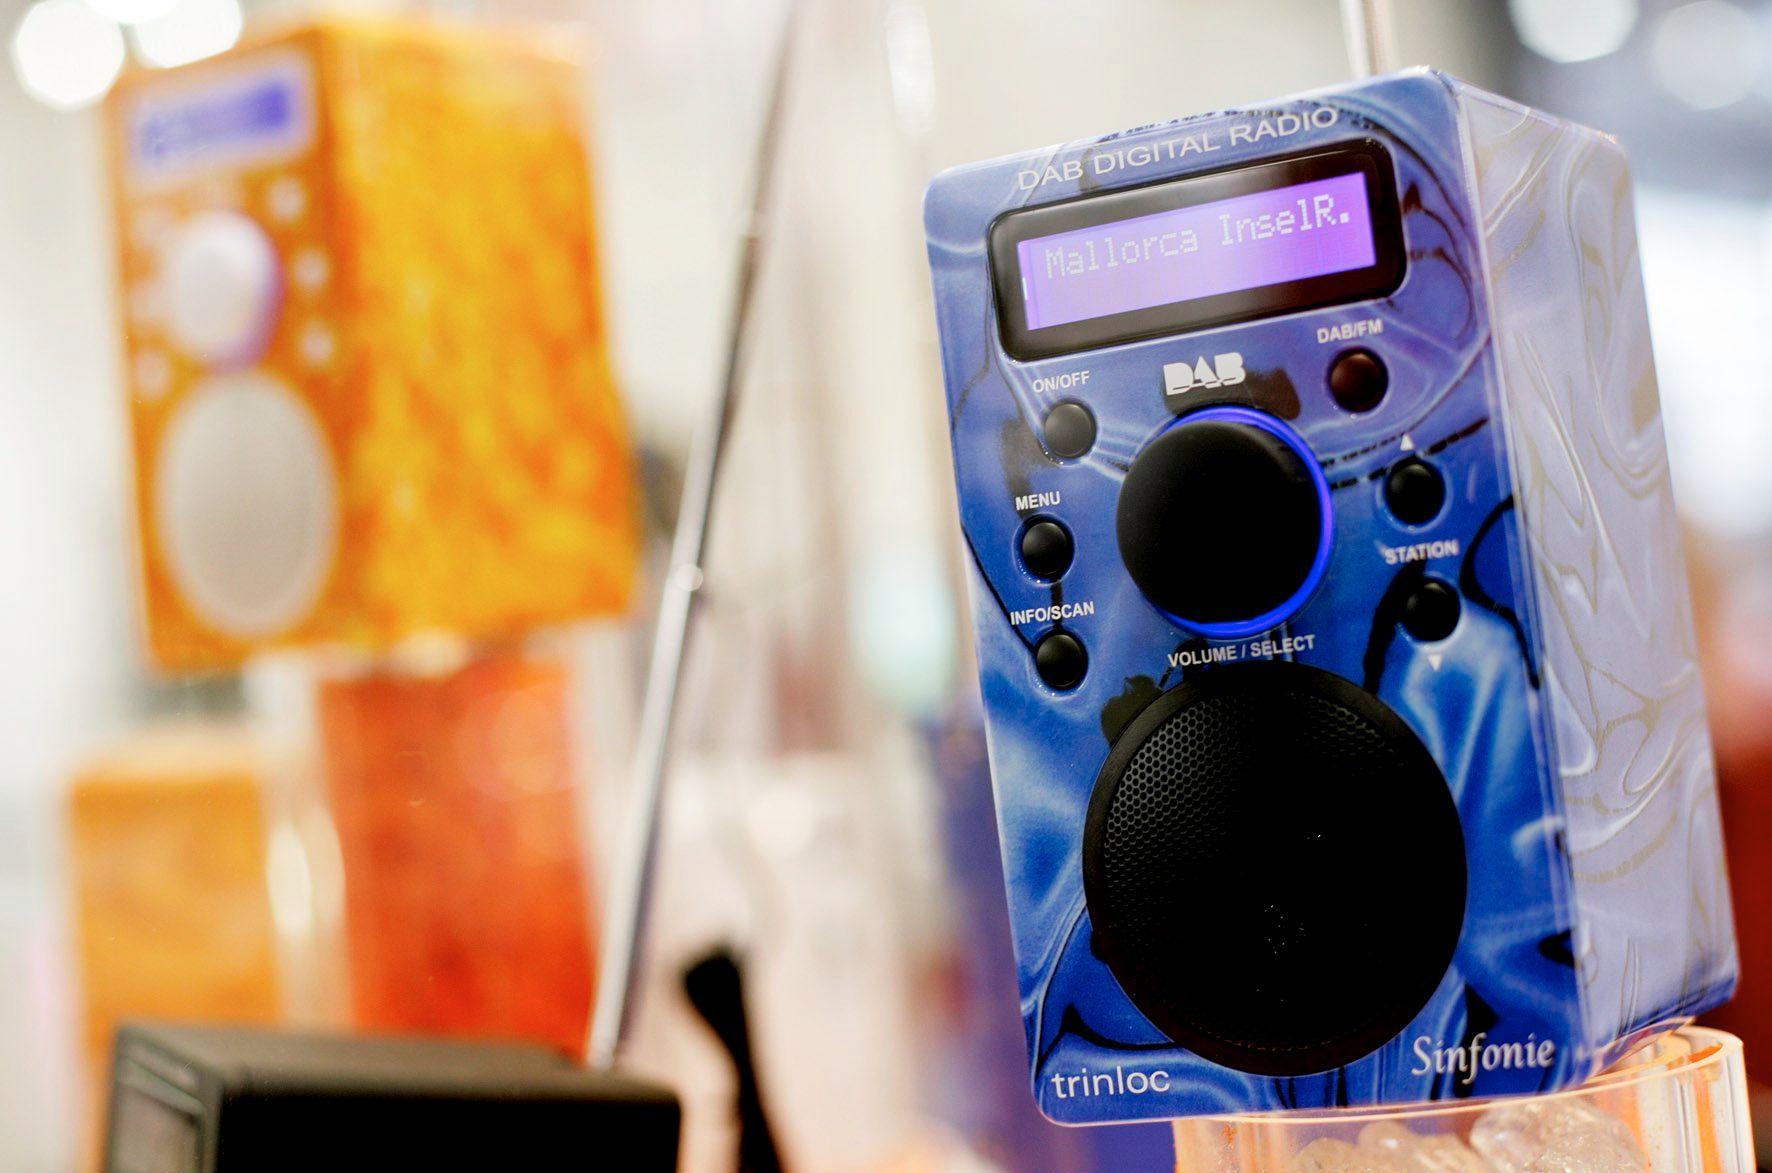 DAB-RADIOER: Har ligget under norske juletrær i ti år nå. Men allerede før FM-båndet slås av er de første DAB-radioene utrangerte.